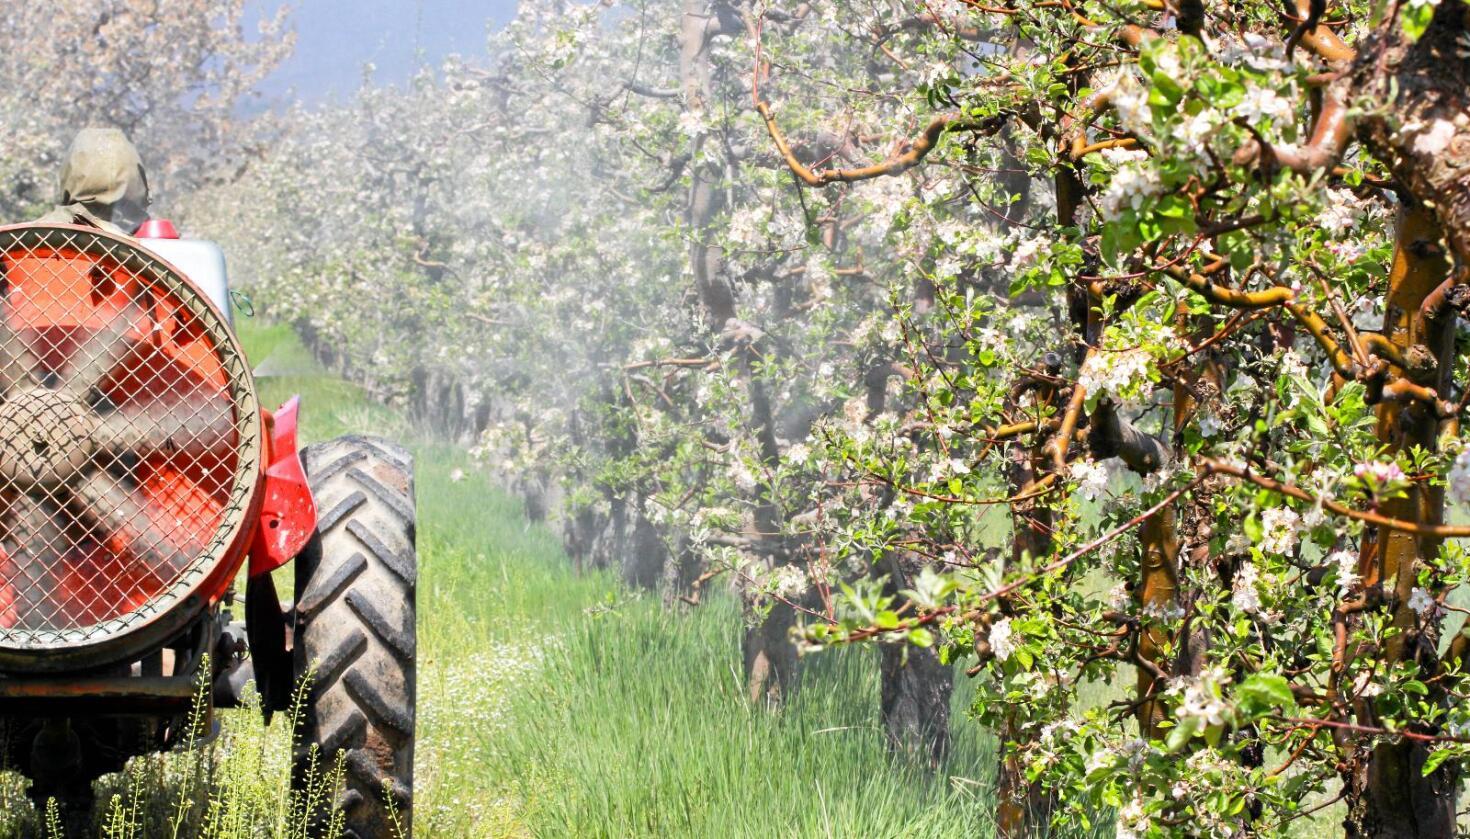 Sprøyting av epletrær: Det brukes ofte en cocktail av sprøytemidler i fruktdyrking. En kommune i Sør-Tyrol tok opp kampen mot giftlandbruket. Foto: Cukicuki / Mostphotos